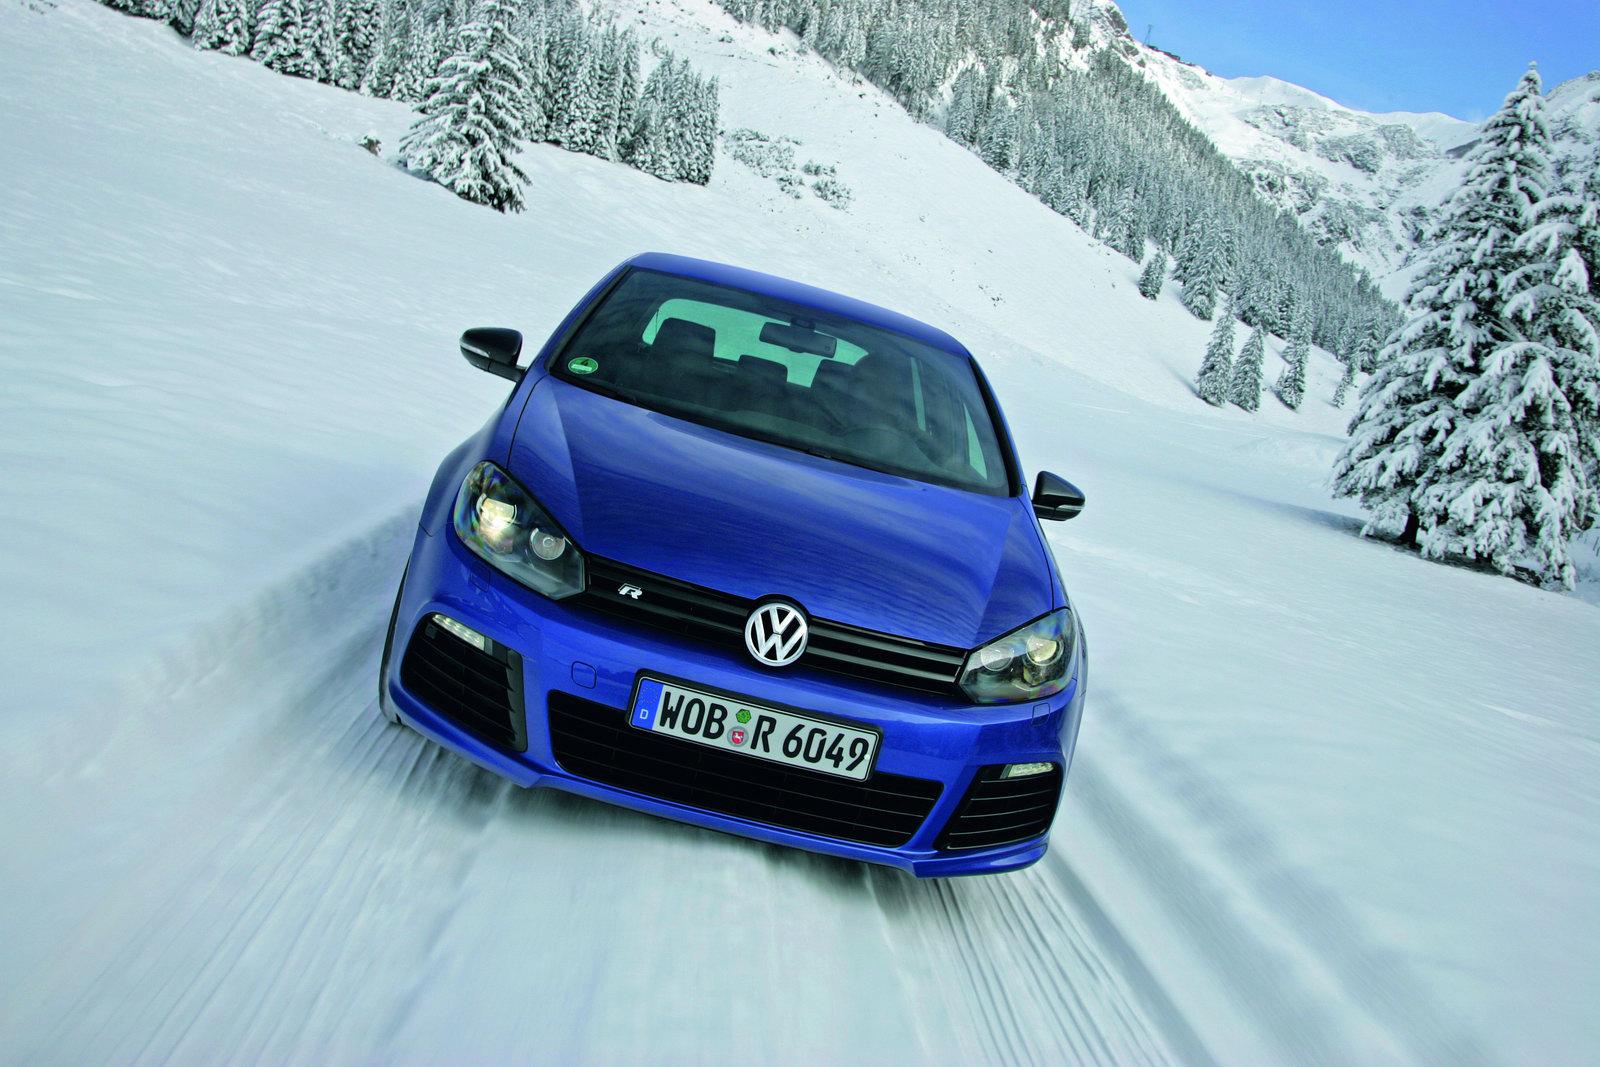 2010 Volkswagen Golf R Wallpaper 1600x1067